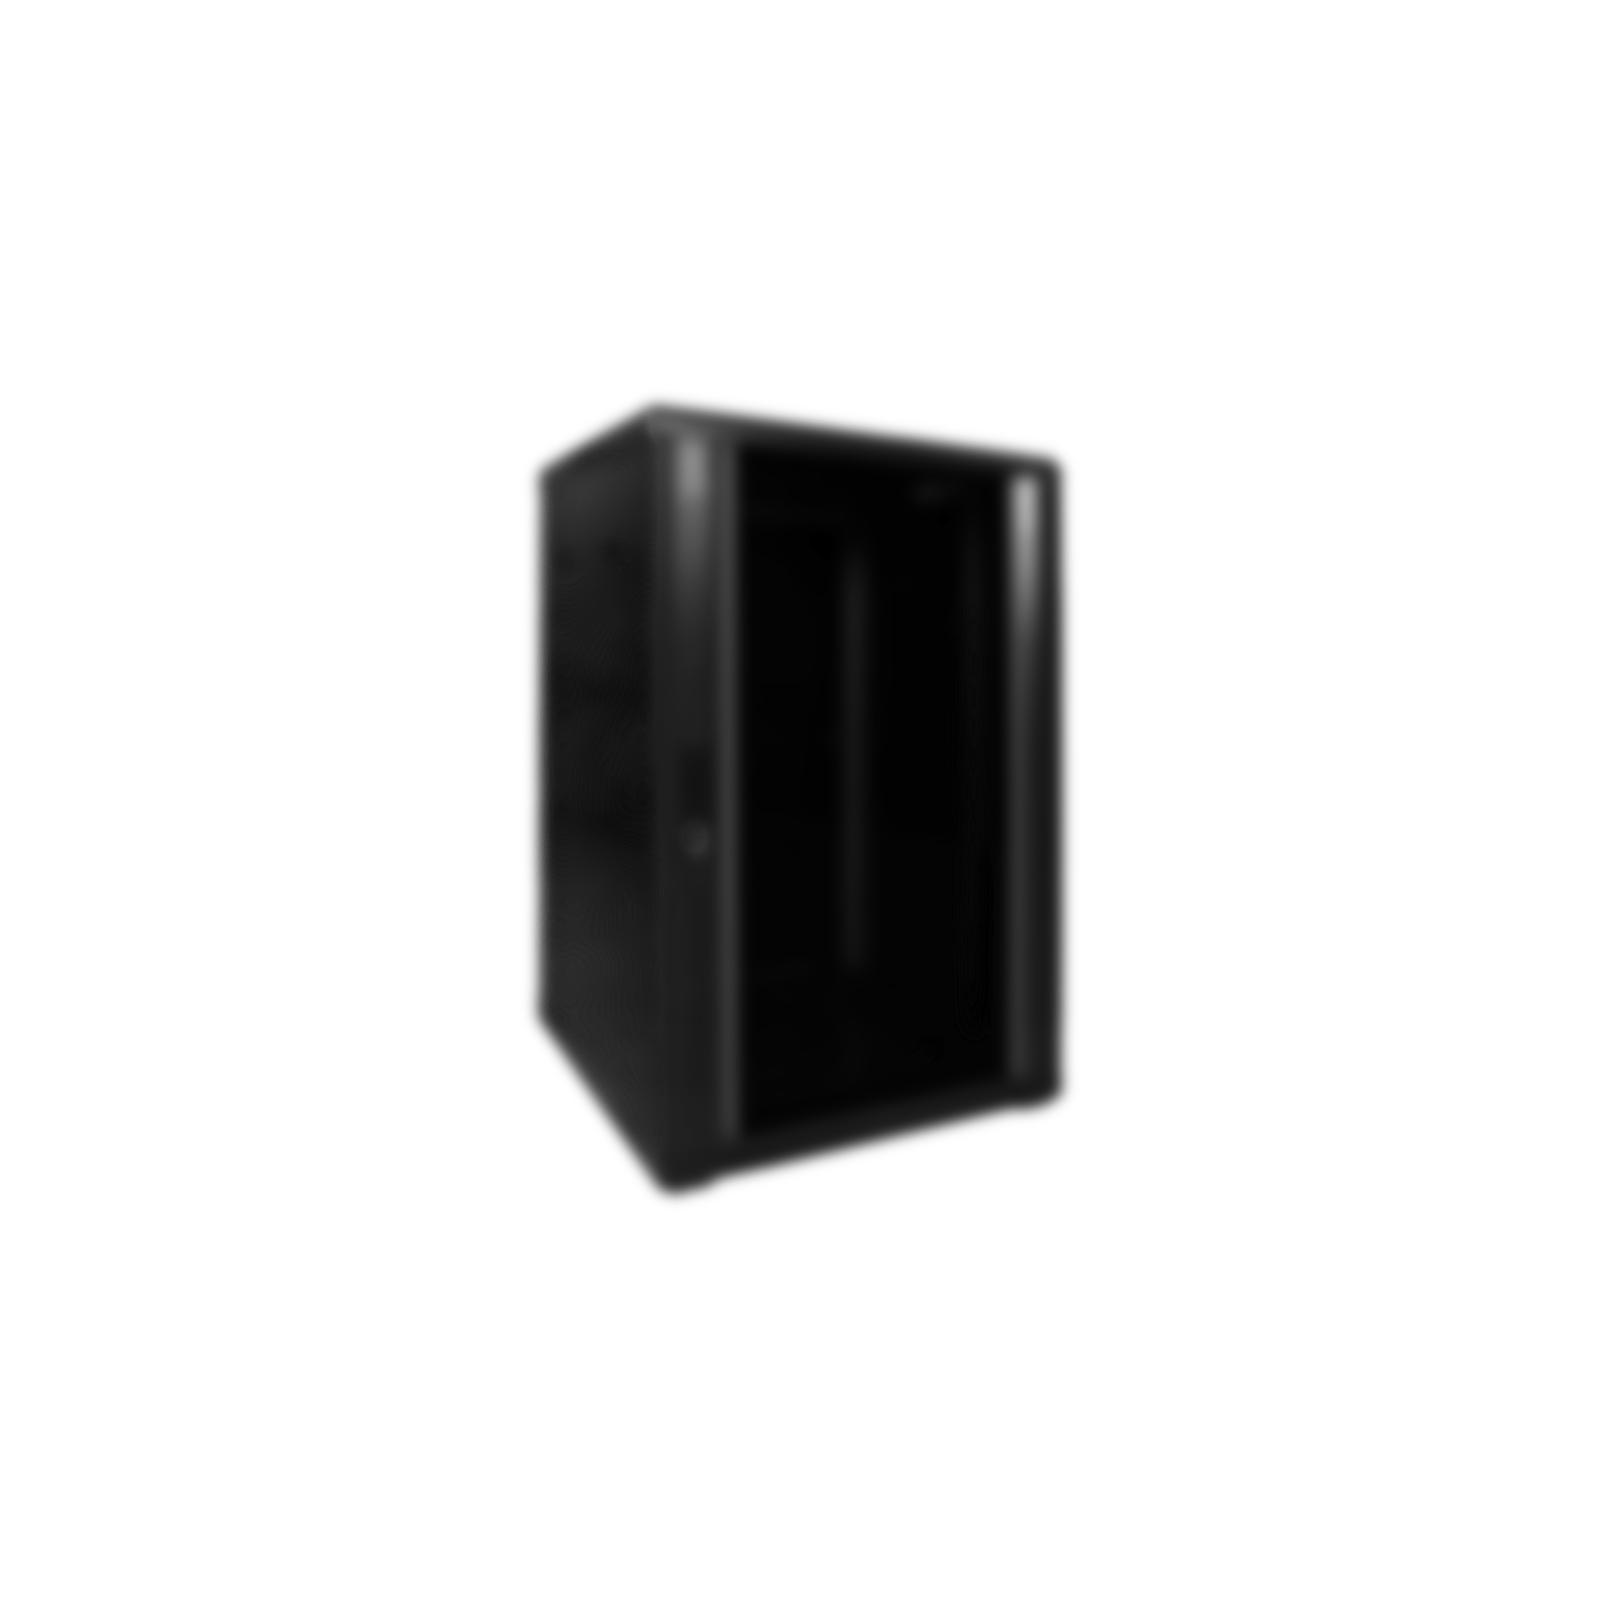 Afbeelding van 19 inch afdekpaneel - 5U